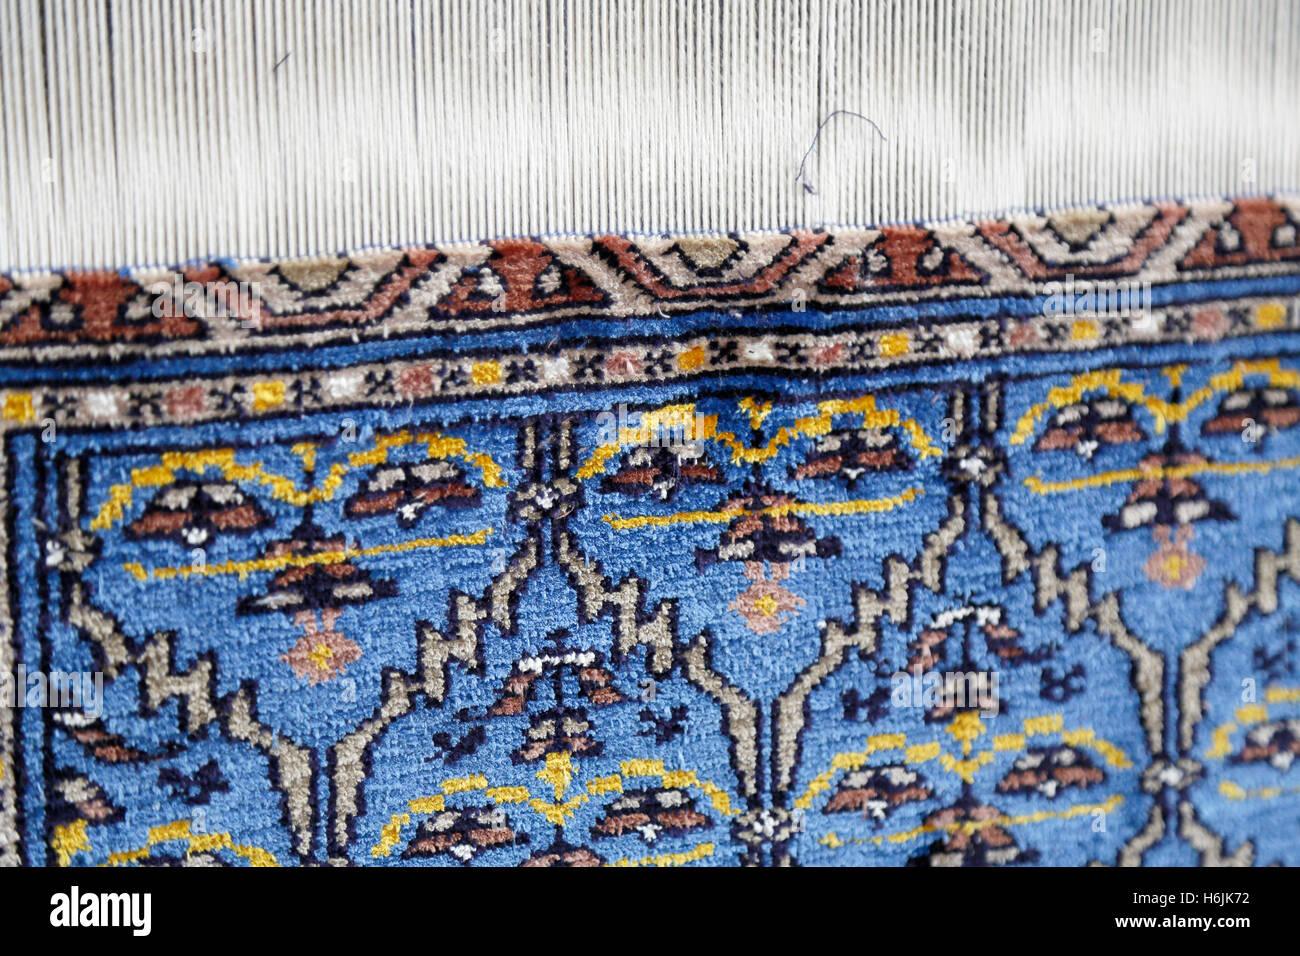 Weaving mill for silk carpets in Samarkand, Uzbekistan. Weverij voor zijden vloerkleden in Samarkand, Oezbekistan. Stock Photo